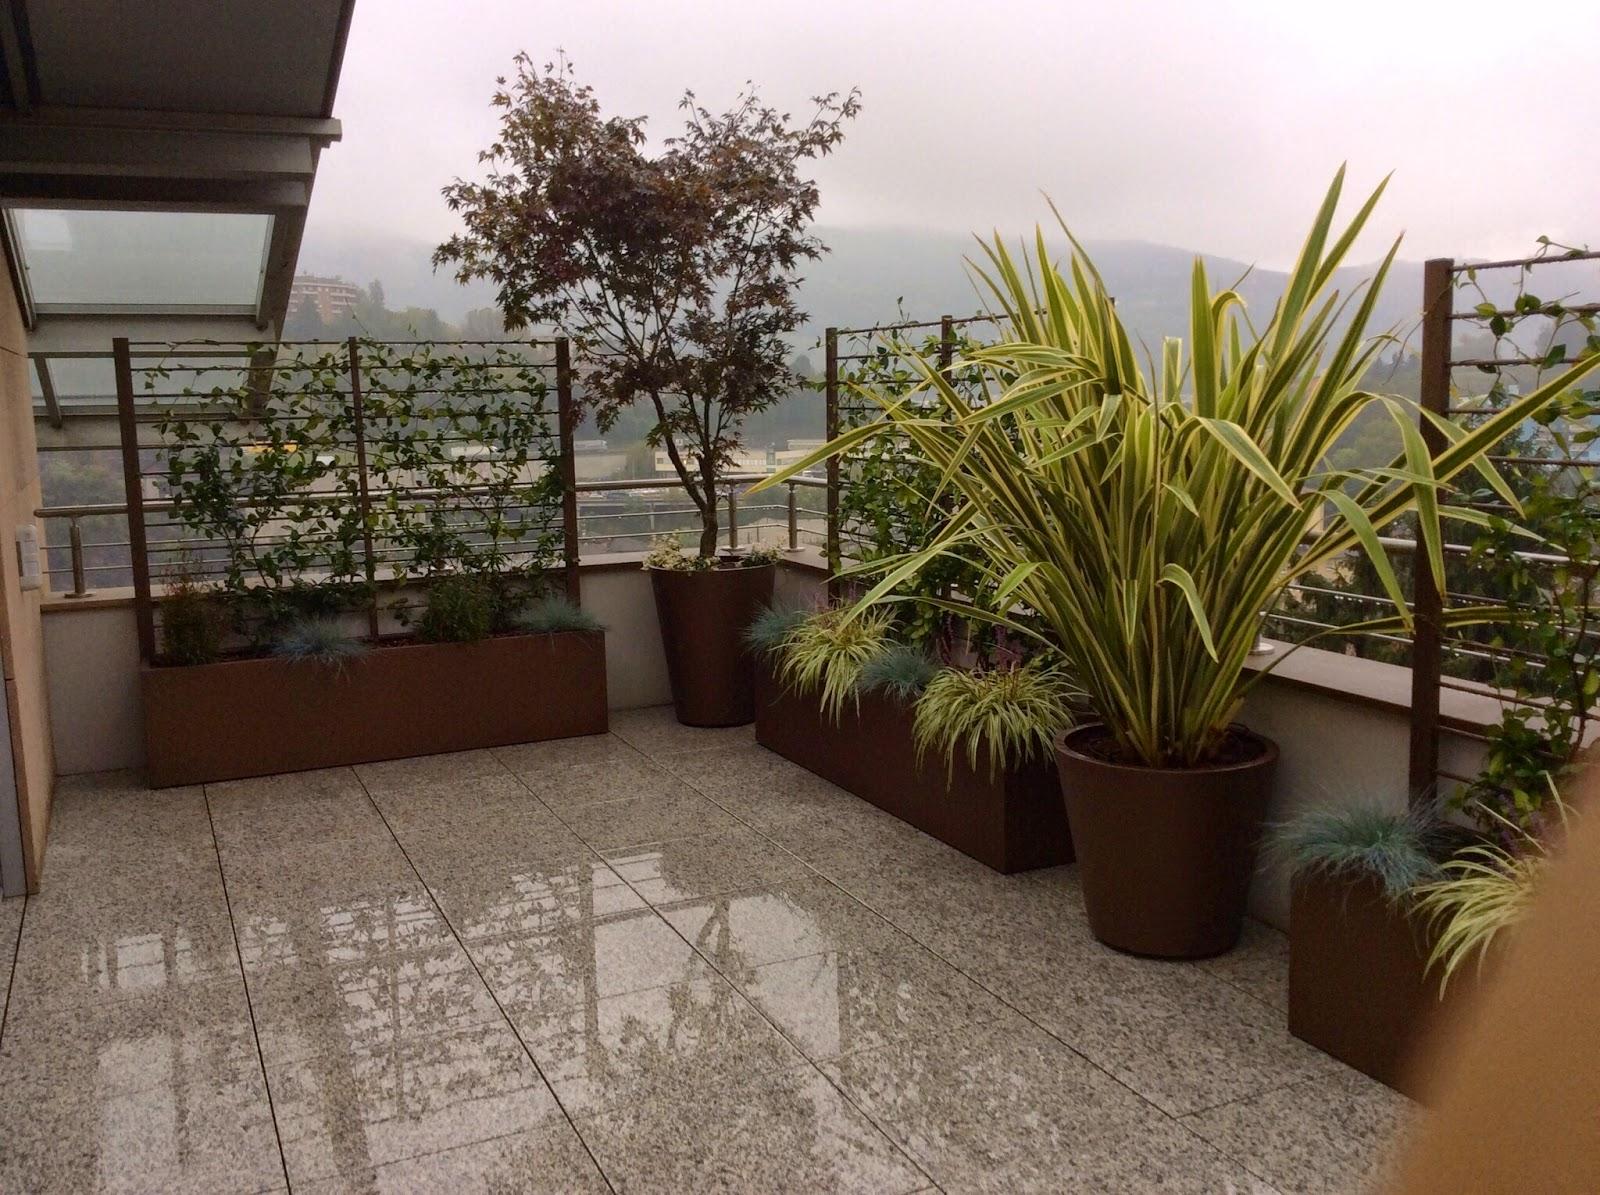 Martin design ita arredo per terrazzi con fioriere su misura for Arredamenti esterni per terrazzi